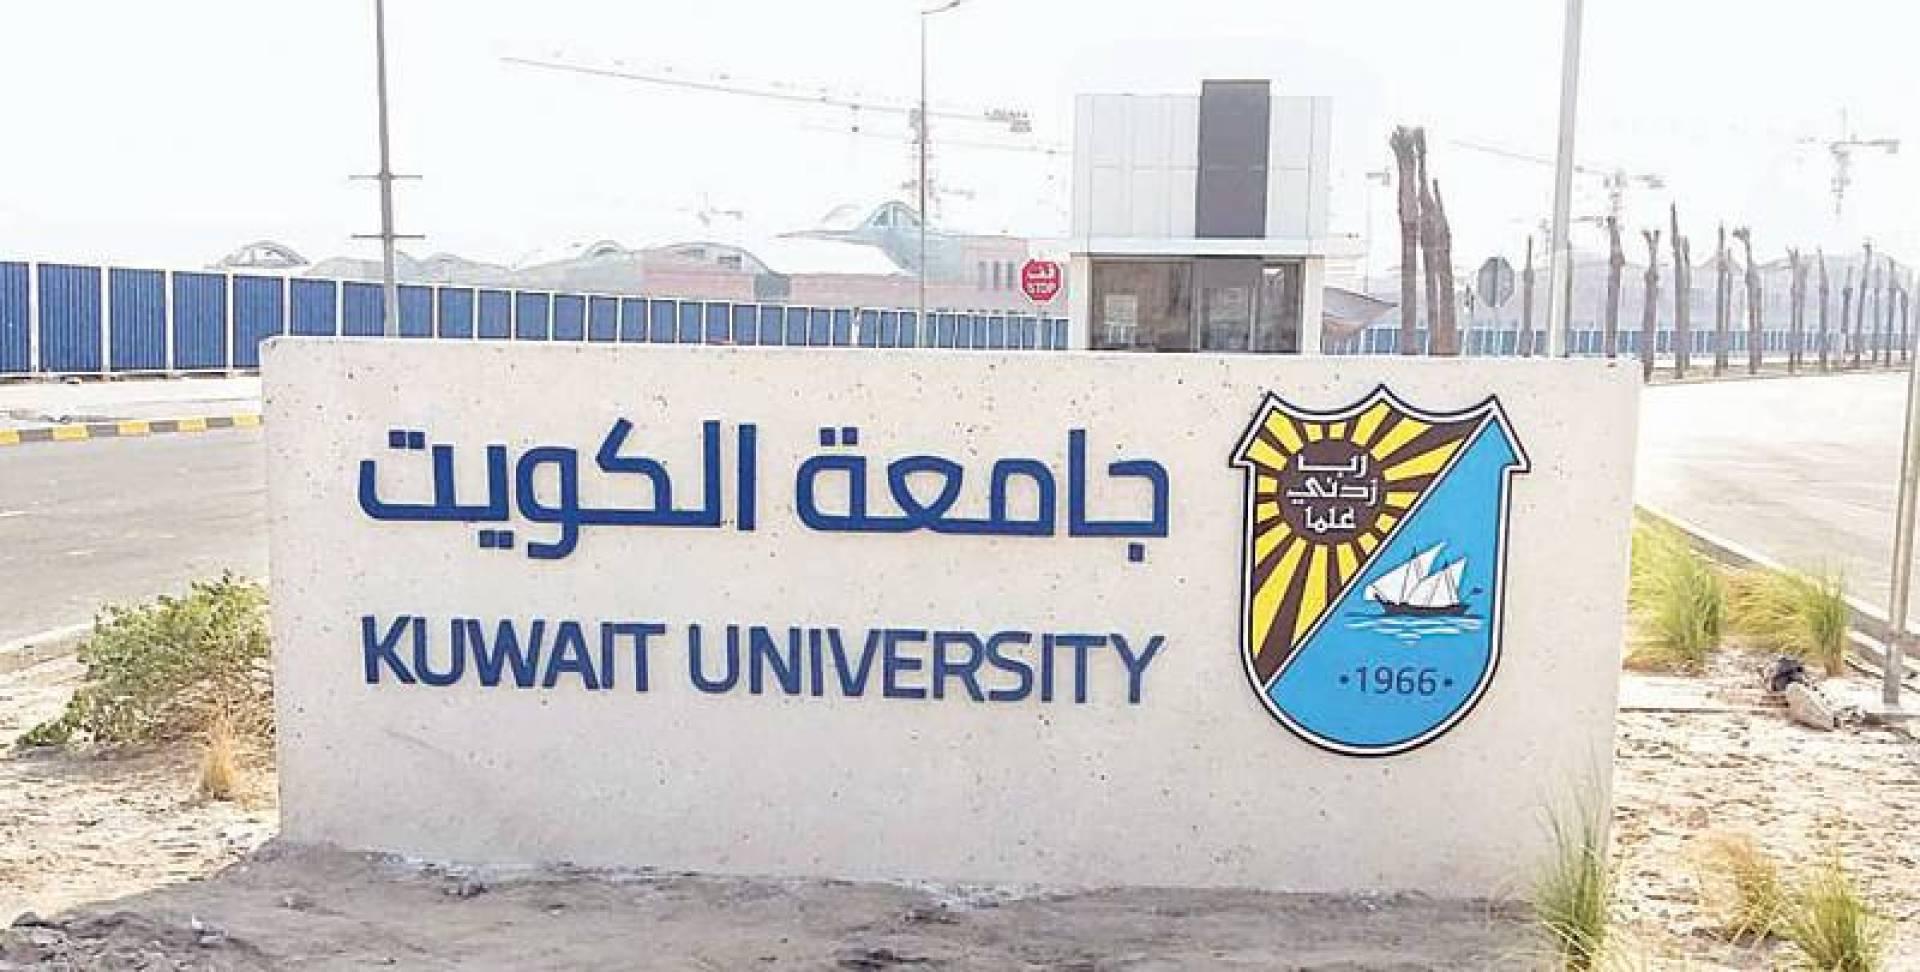 جامعة الكويت تعطل الدراسة للطلبة في جميع الكليات ومختلف المواقع الجامعية